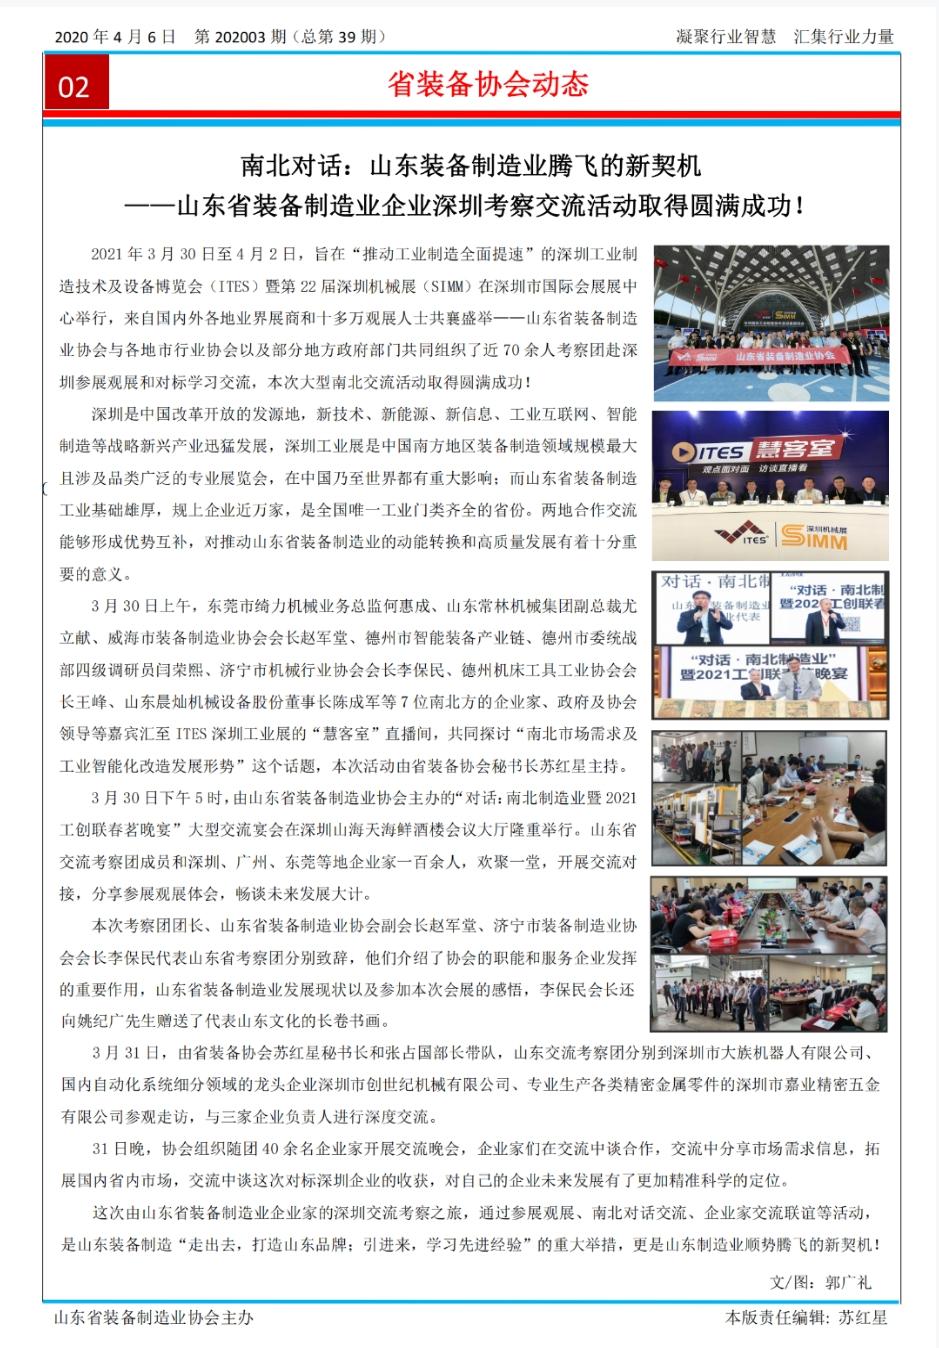 山东省装备制造业协会简报2021年第3期第2版